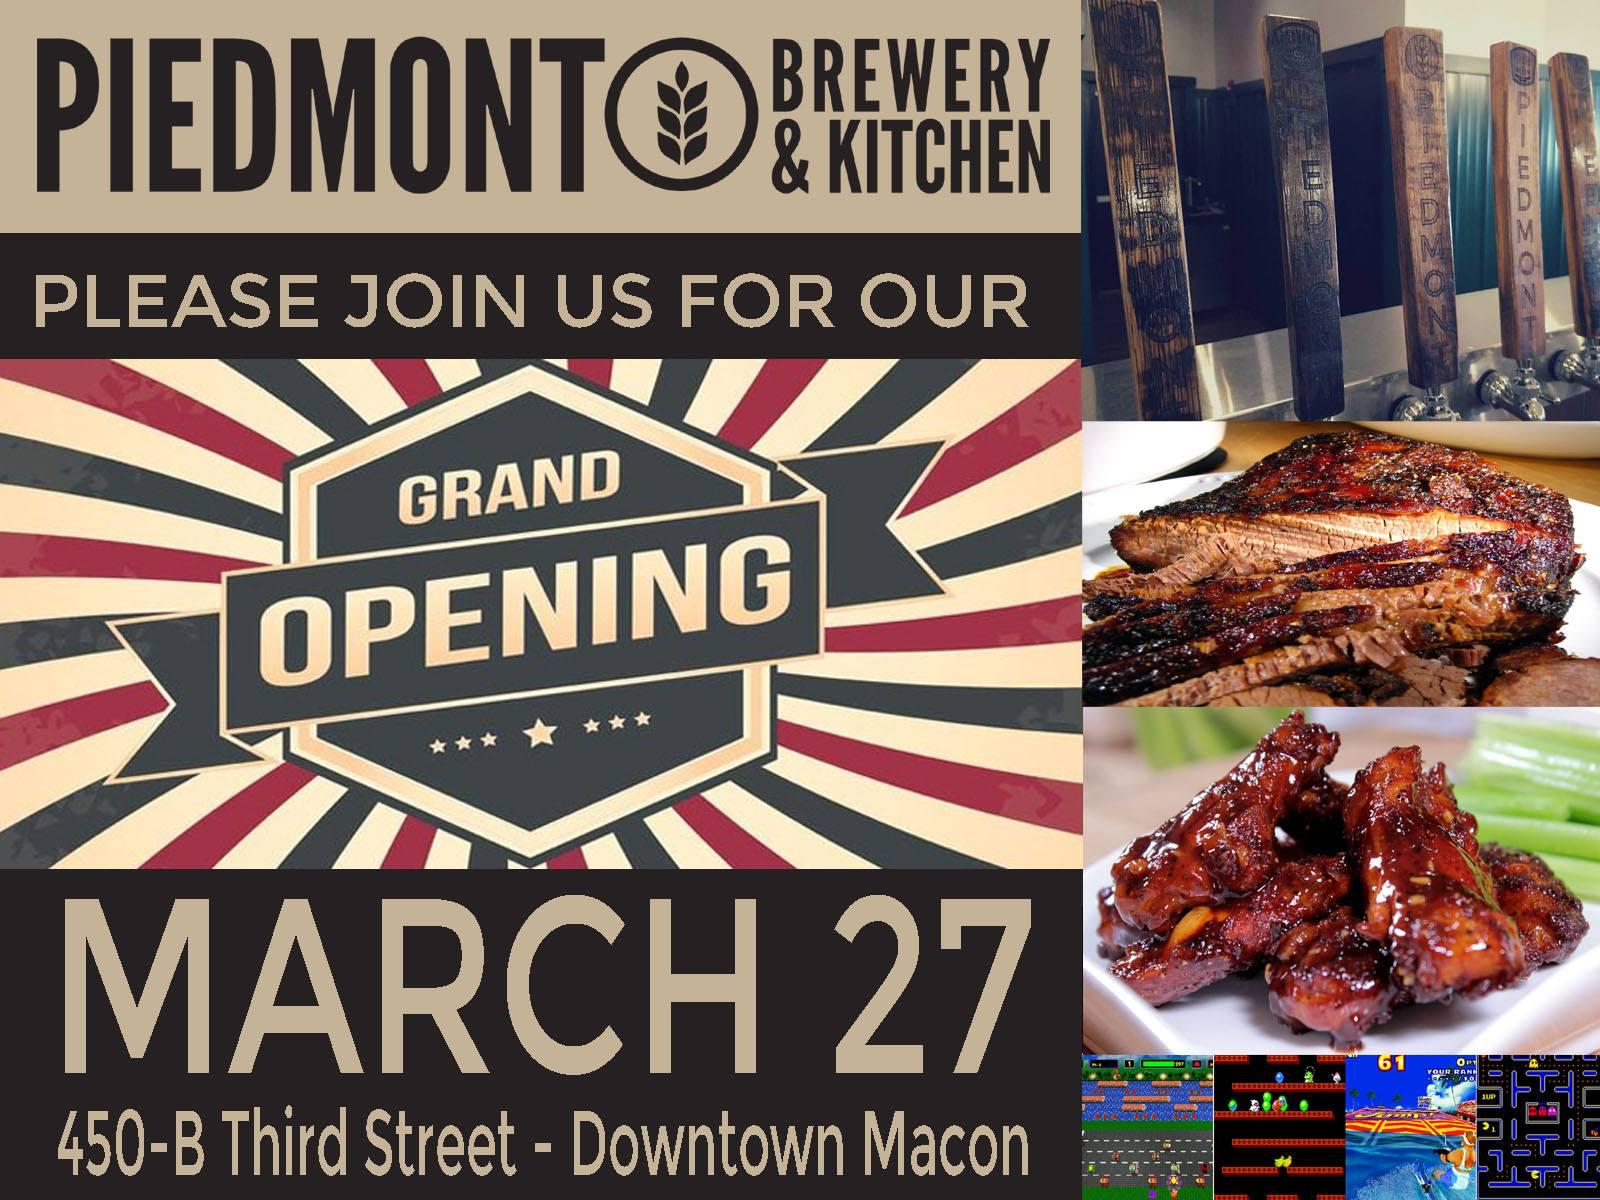 Piedmont Brewery & Kitchen Macon GA